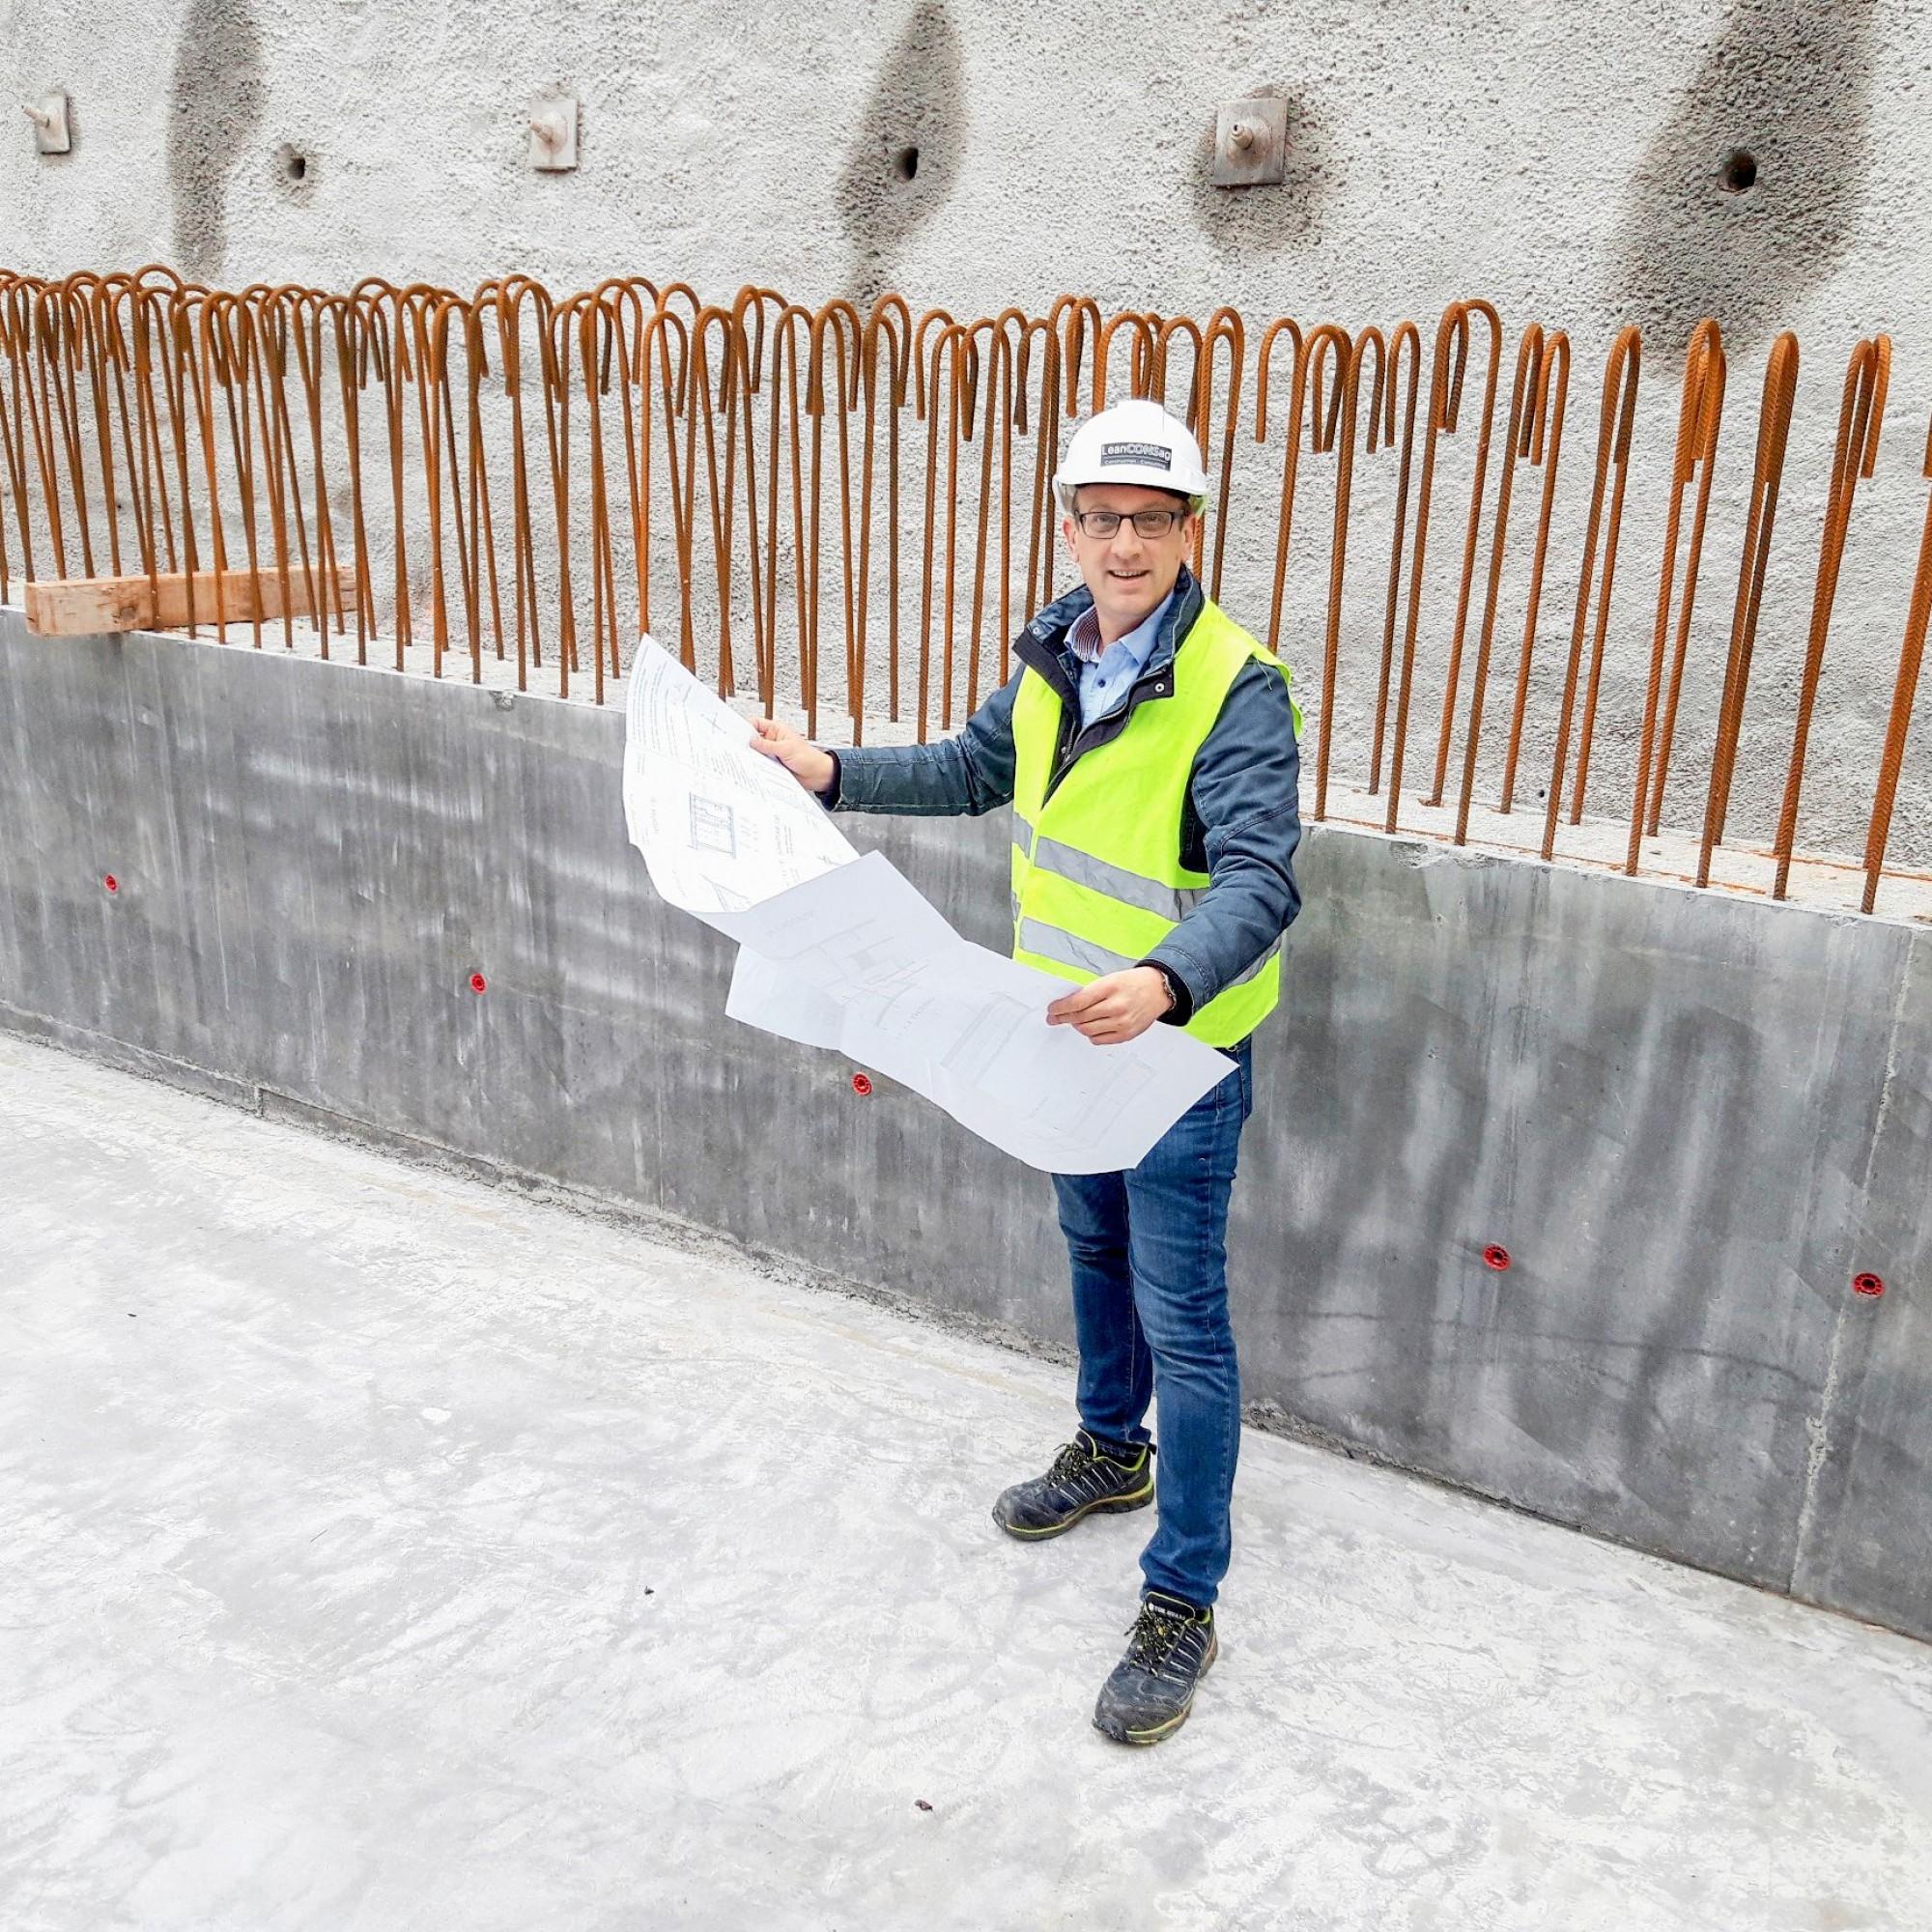 Dominik Schlatter,«Lean Construction»-Experte und selbstständiger Berater